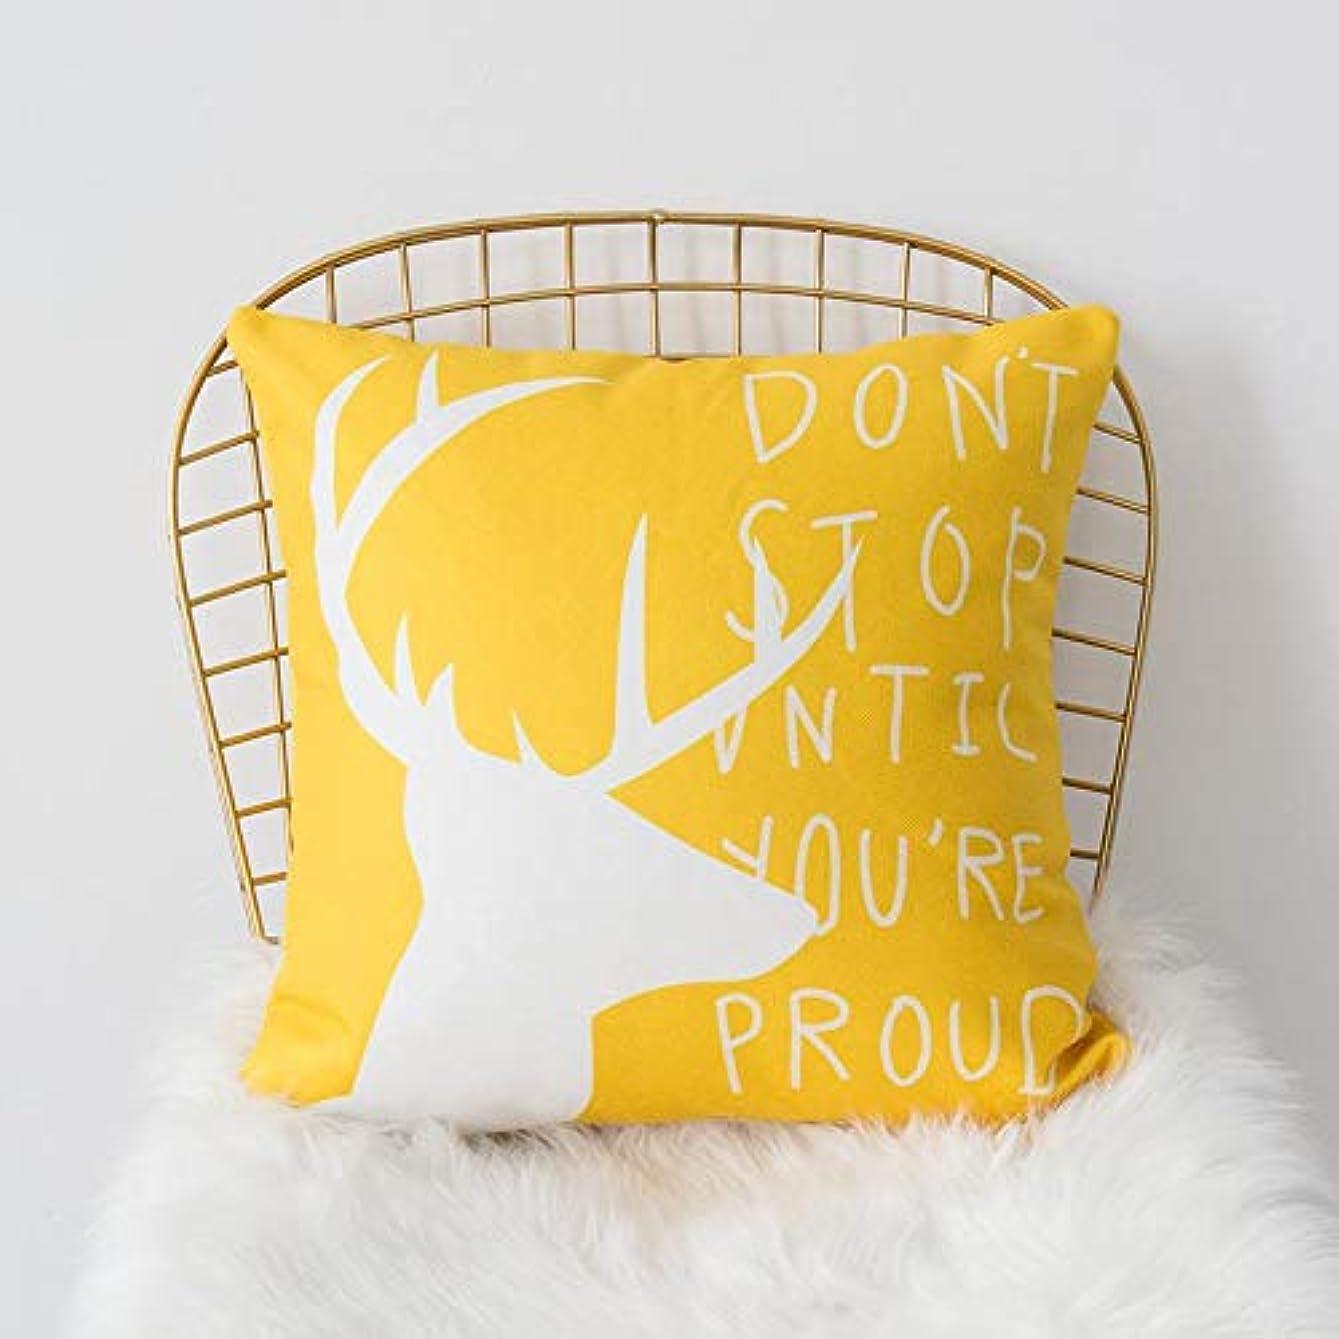 柔らかさ必需品唯一SMART 黄色グレー枕北欧スタイル黄色ヘラジカ幾何枕リビングルームのインテリアソファクッション Cojines 装飾良質 クッション 椅子